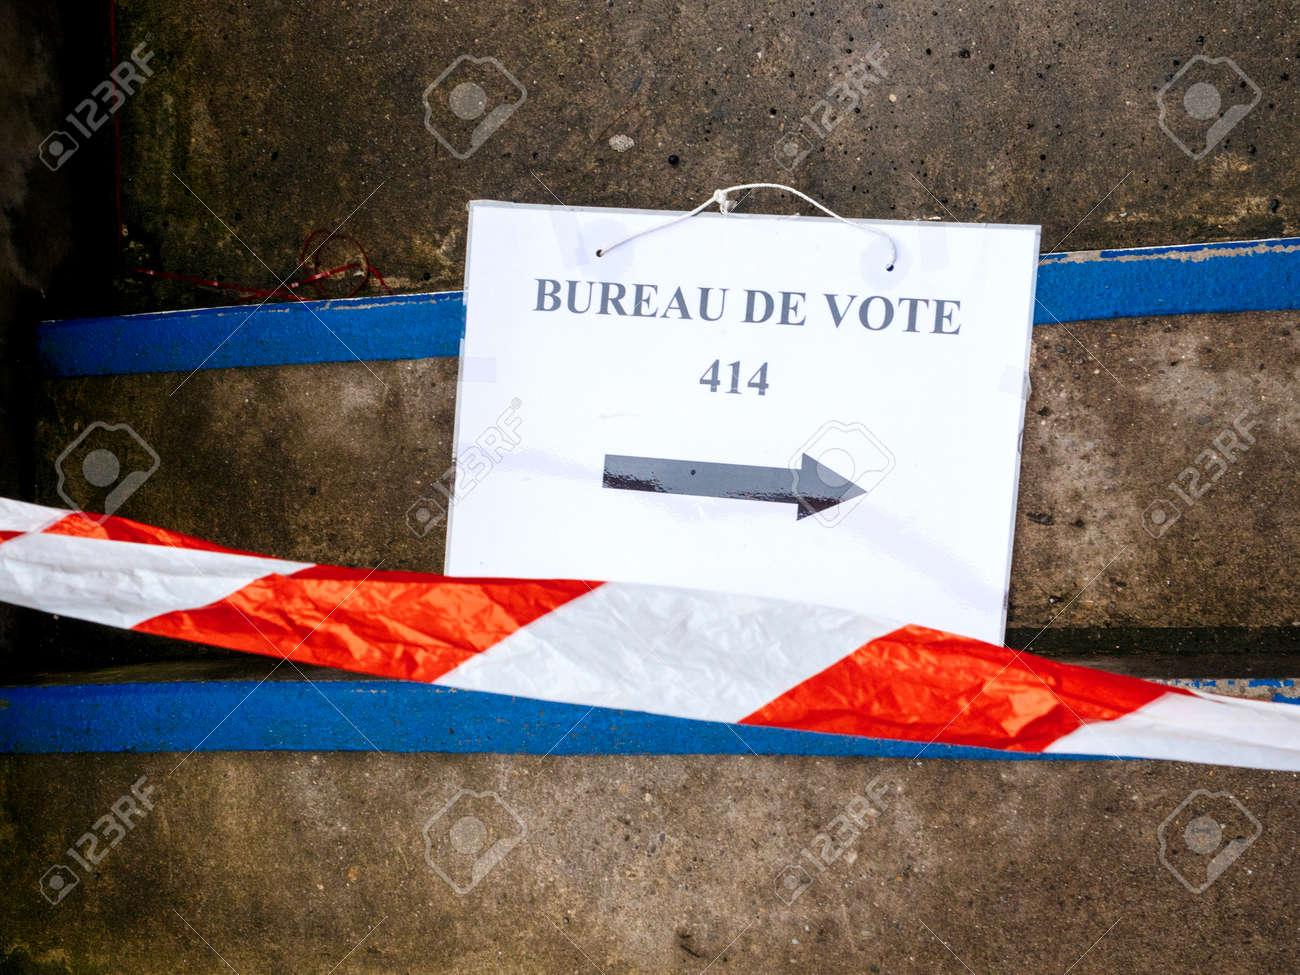 Strasbourg france may bureau de vote sign on floor